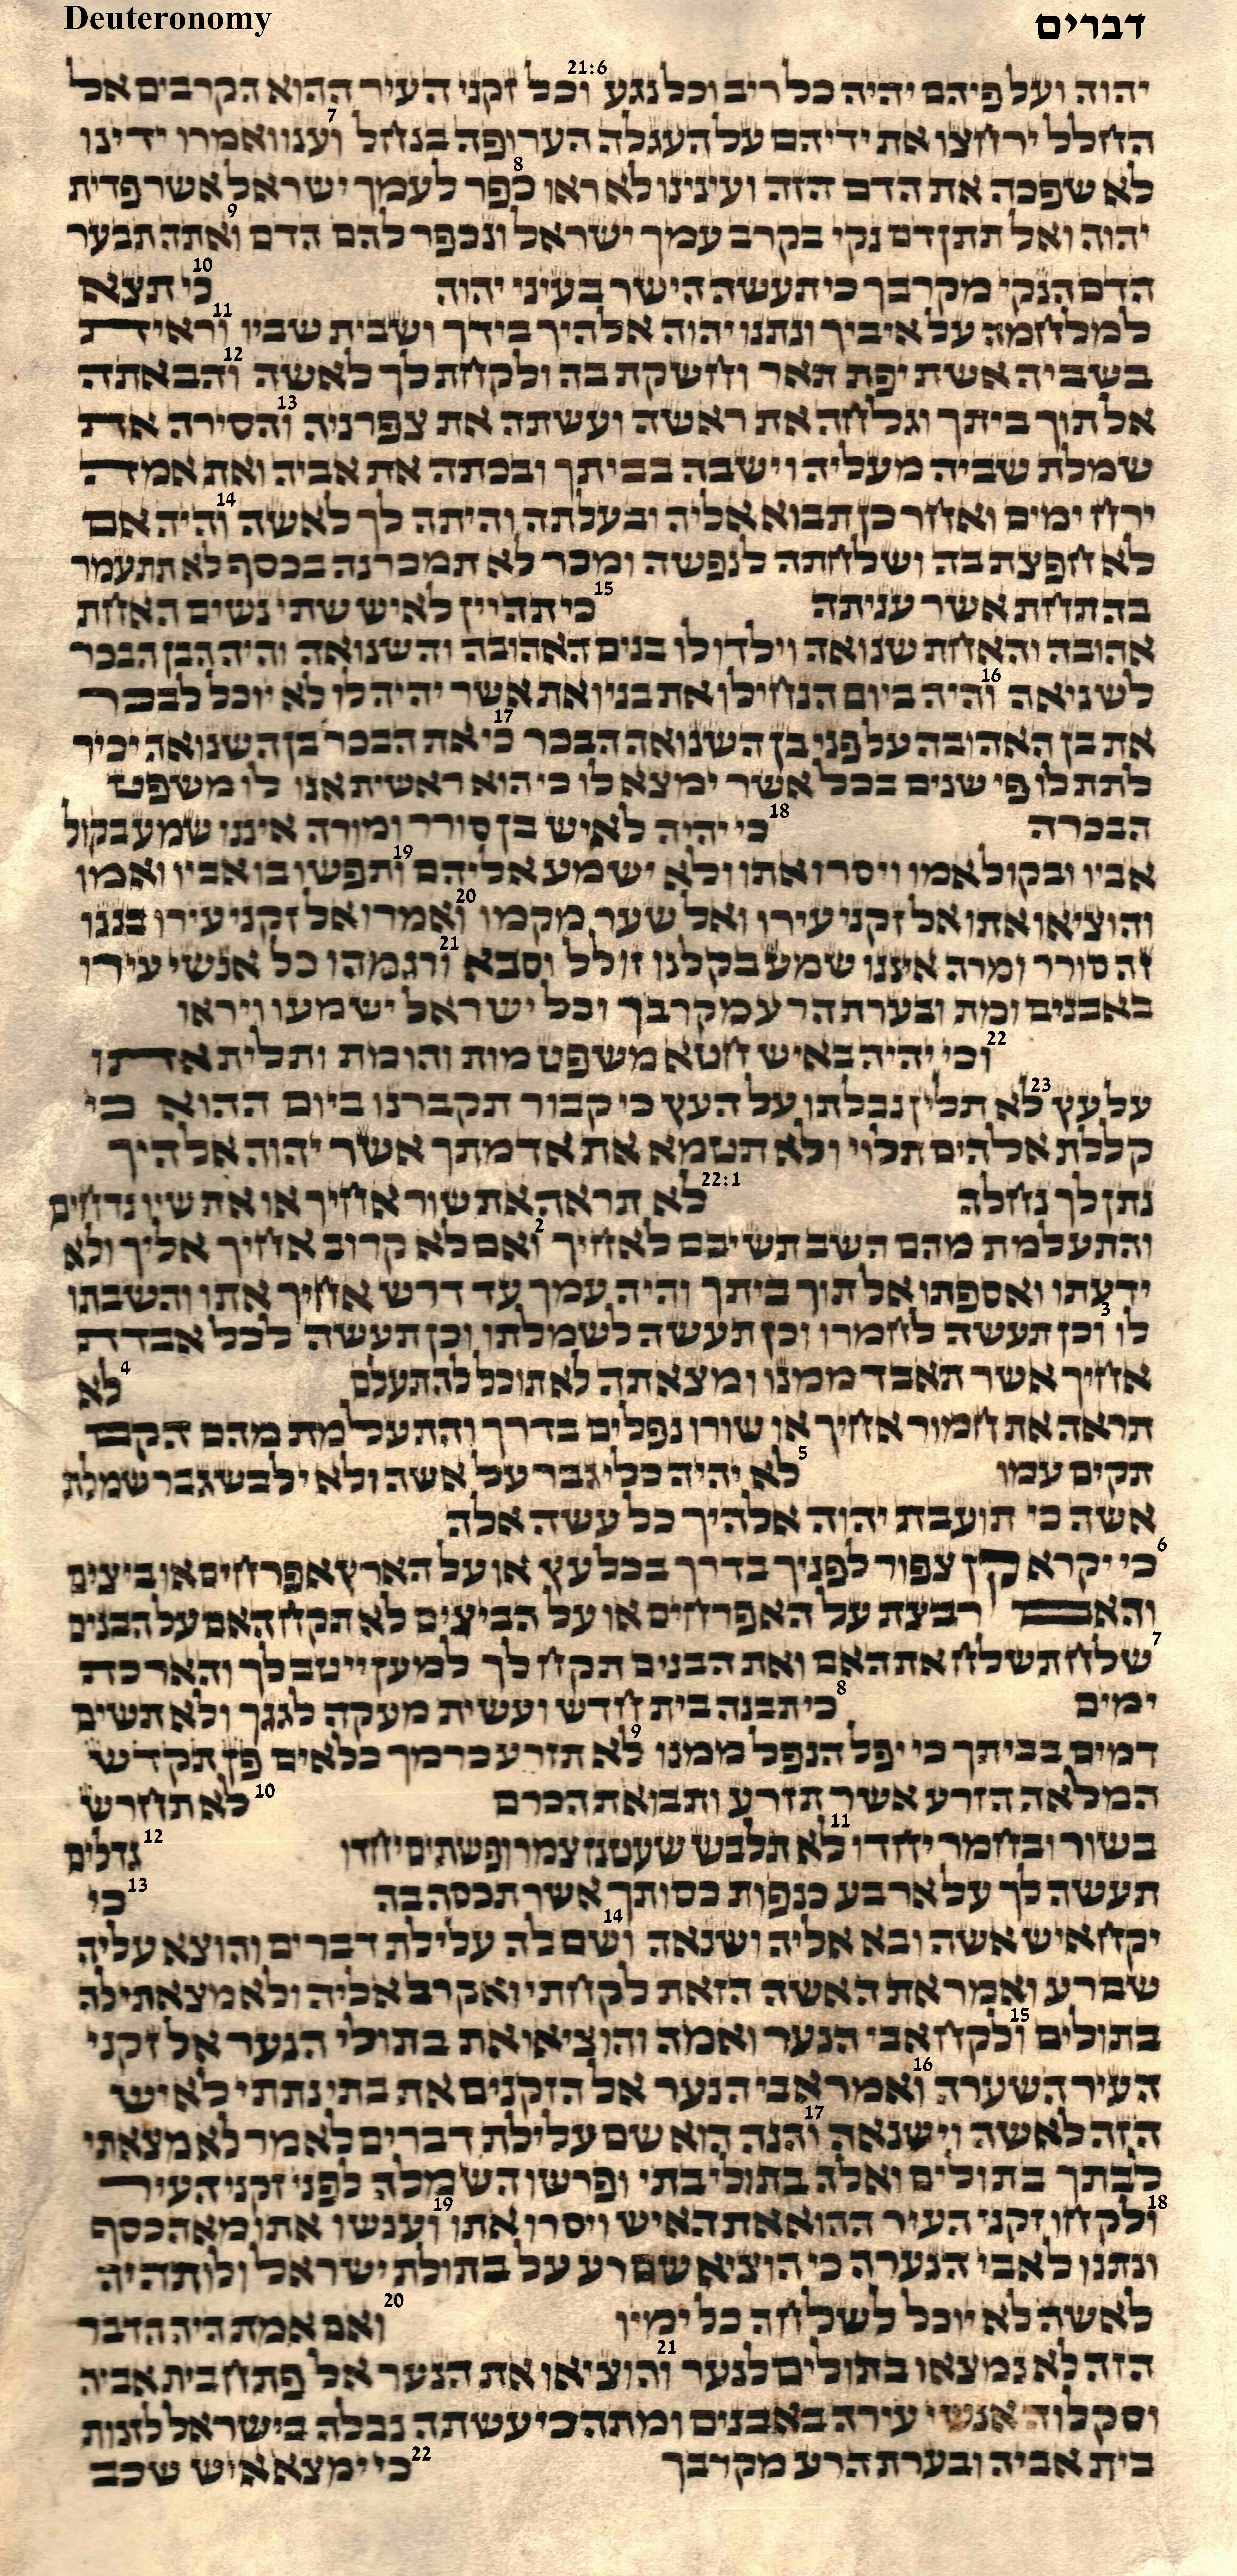 Deuteronomy 21.6 - 22.22